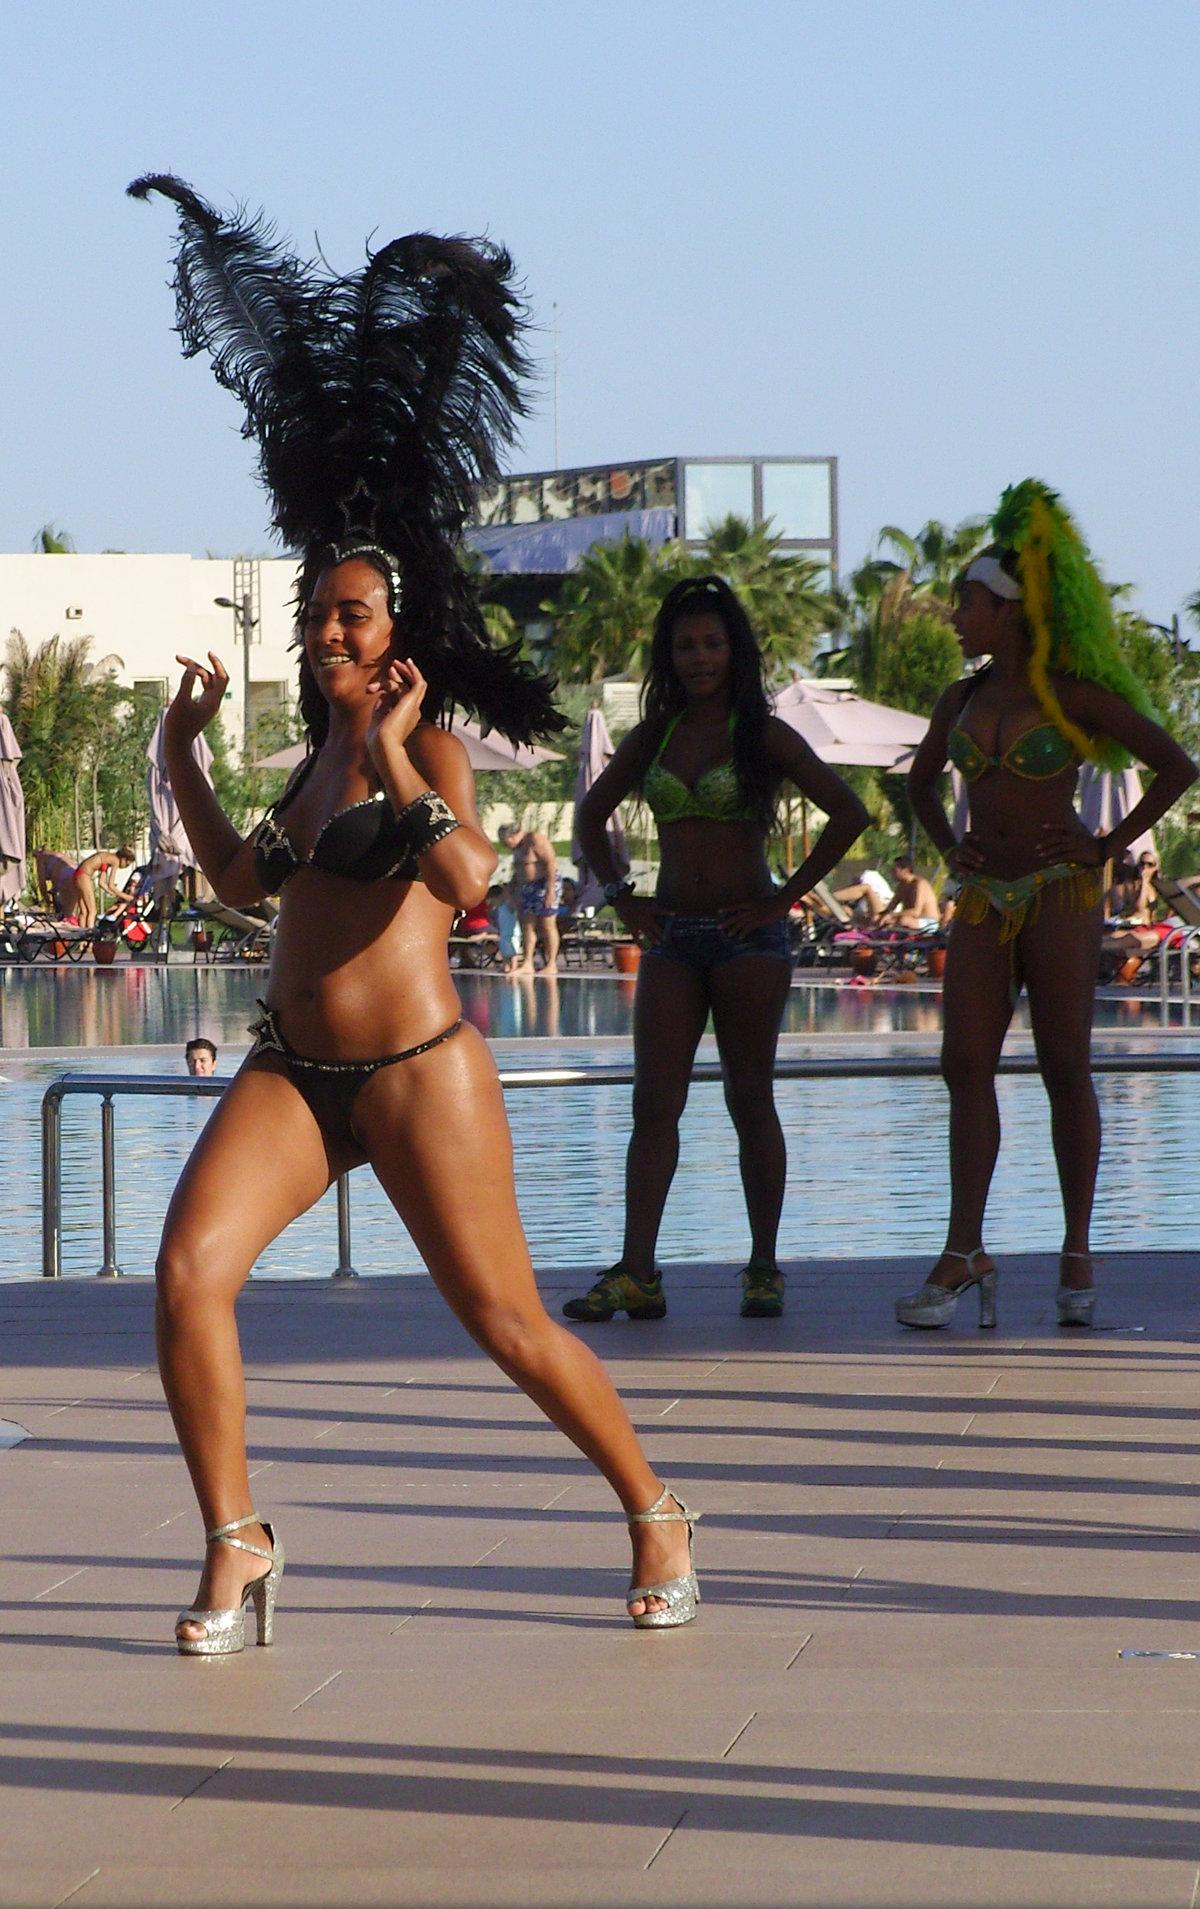 входные попки бразилии в танце фото старух примеру